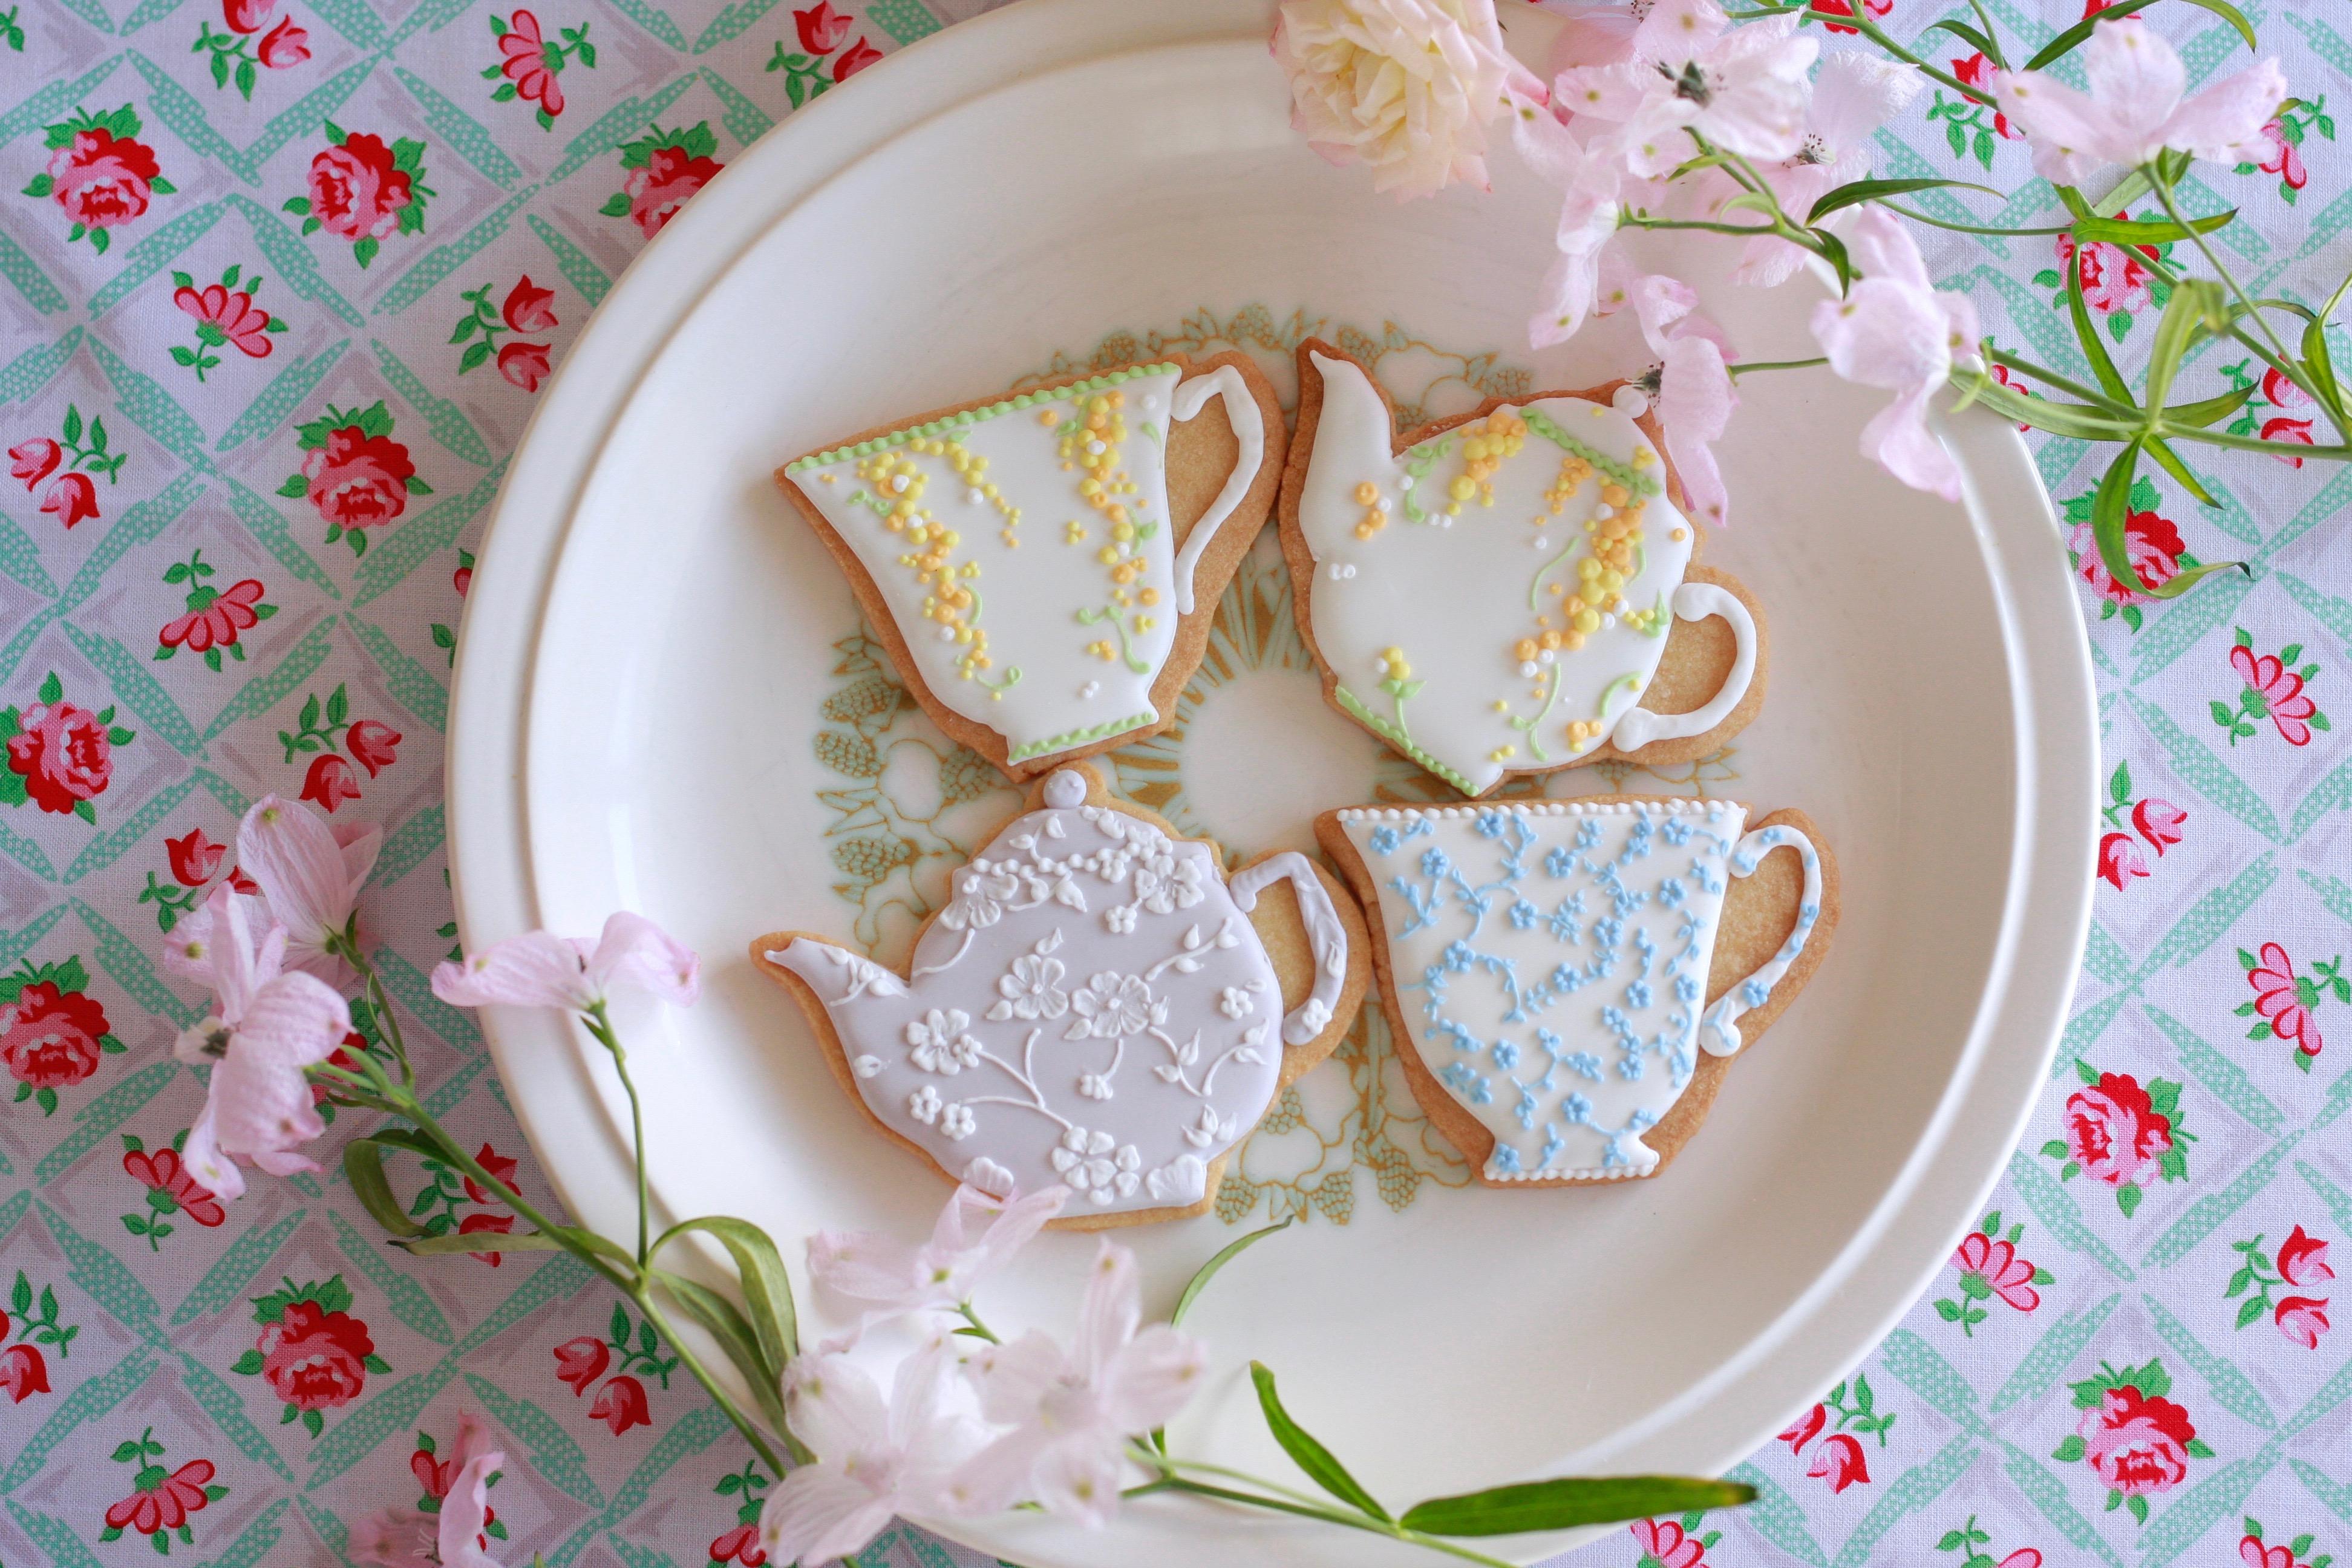 ティーカップ&ポットのアイシングクッキー